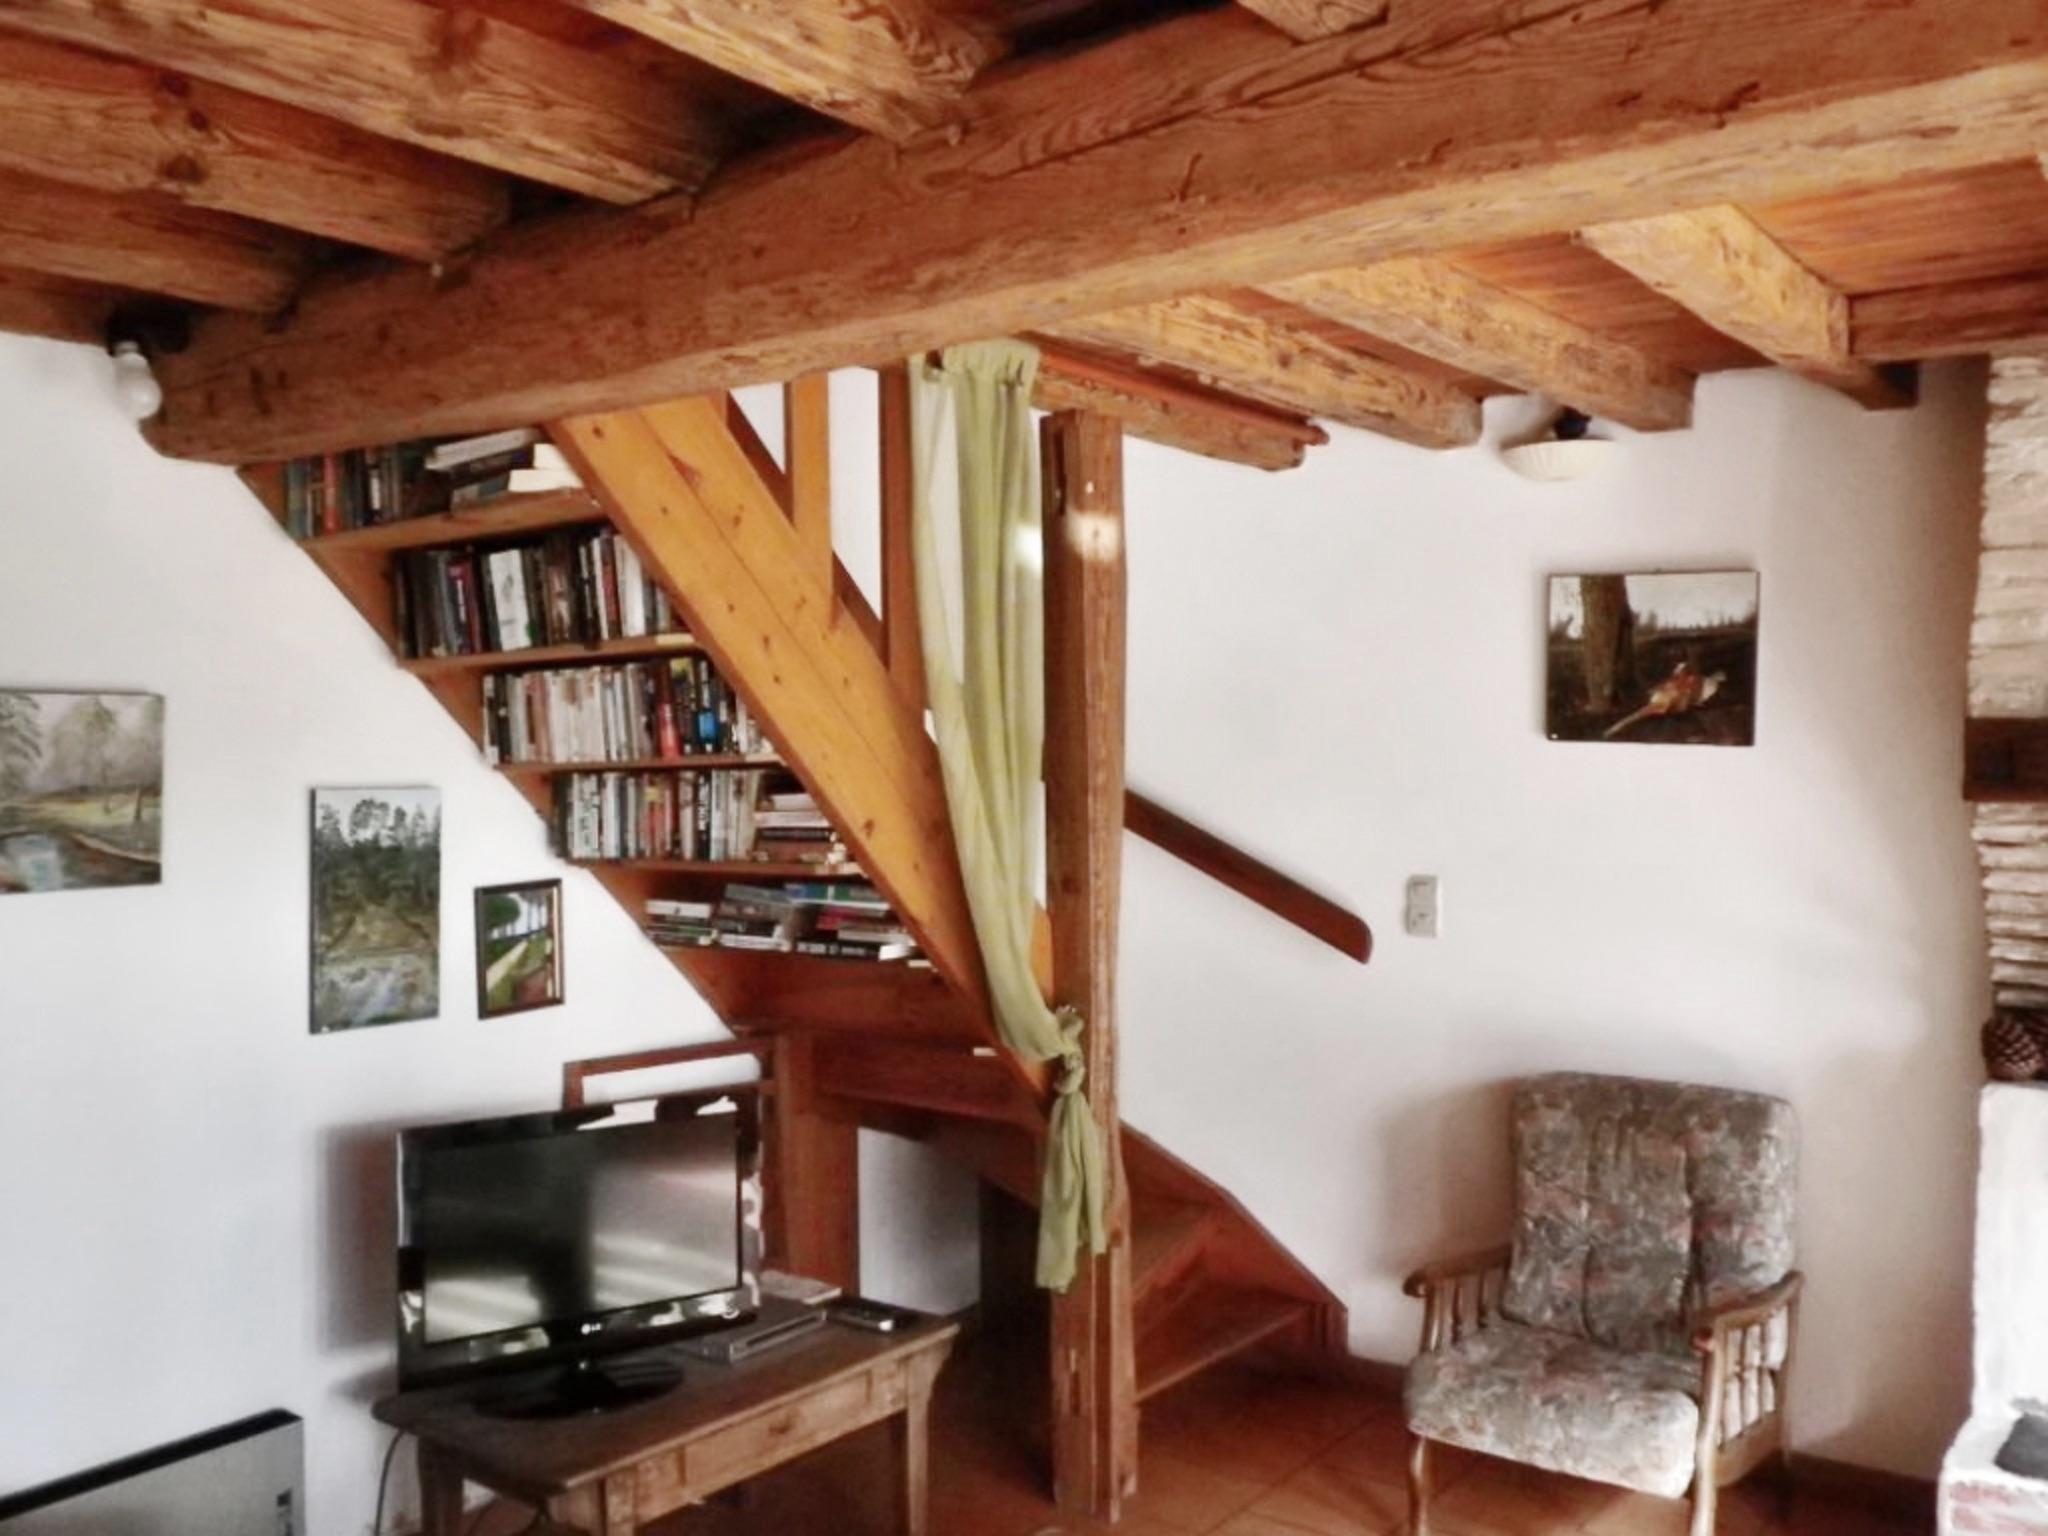 Ferienhaus Villa mit 4 Zimmern in Trensacq mit privatem Pool und möbliertem Garten - 45 km vom Strand (2202366), Trensacq, Landes, Aquitanien, Frankreich, Bild 12